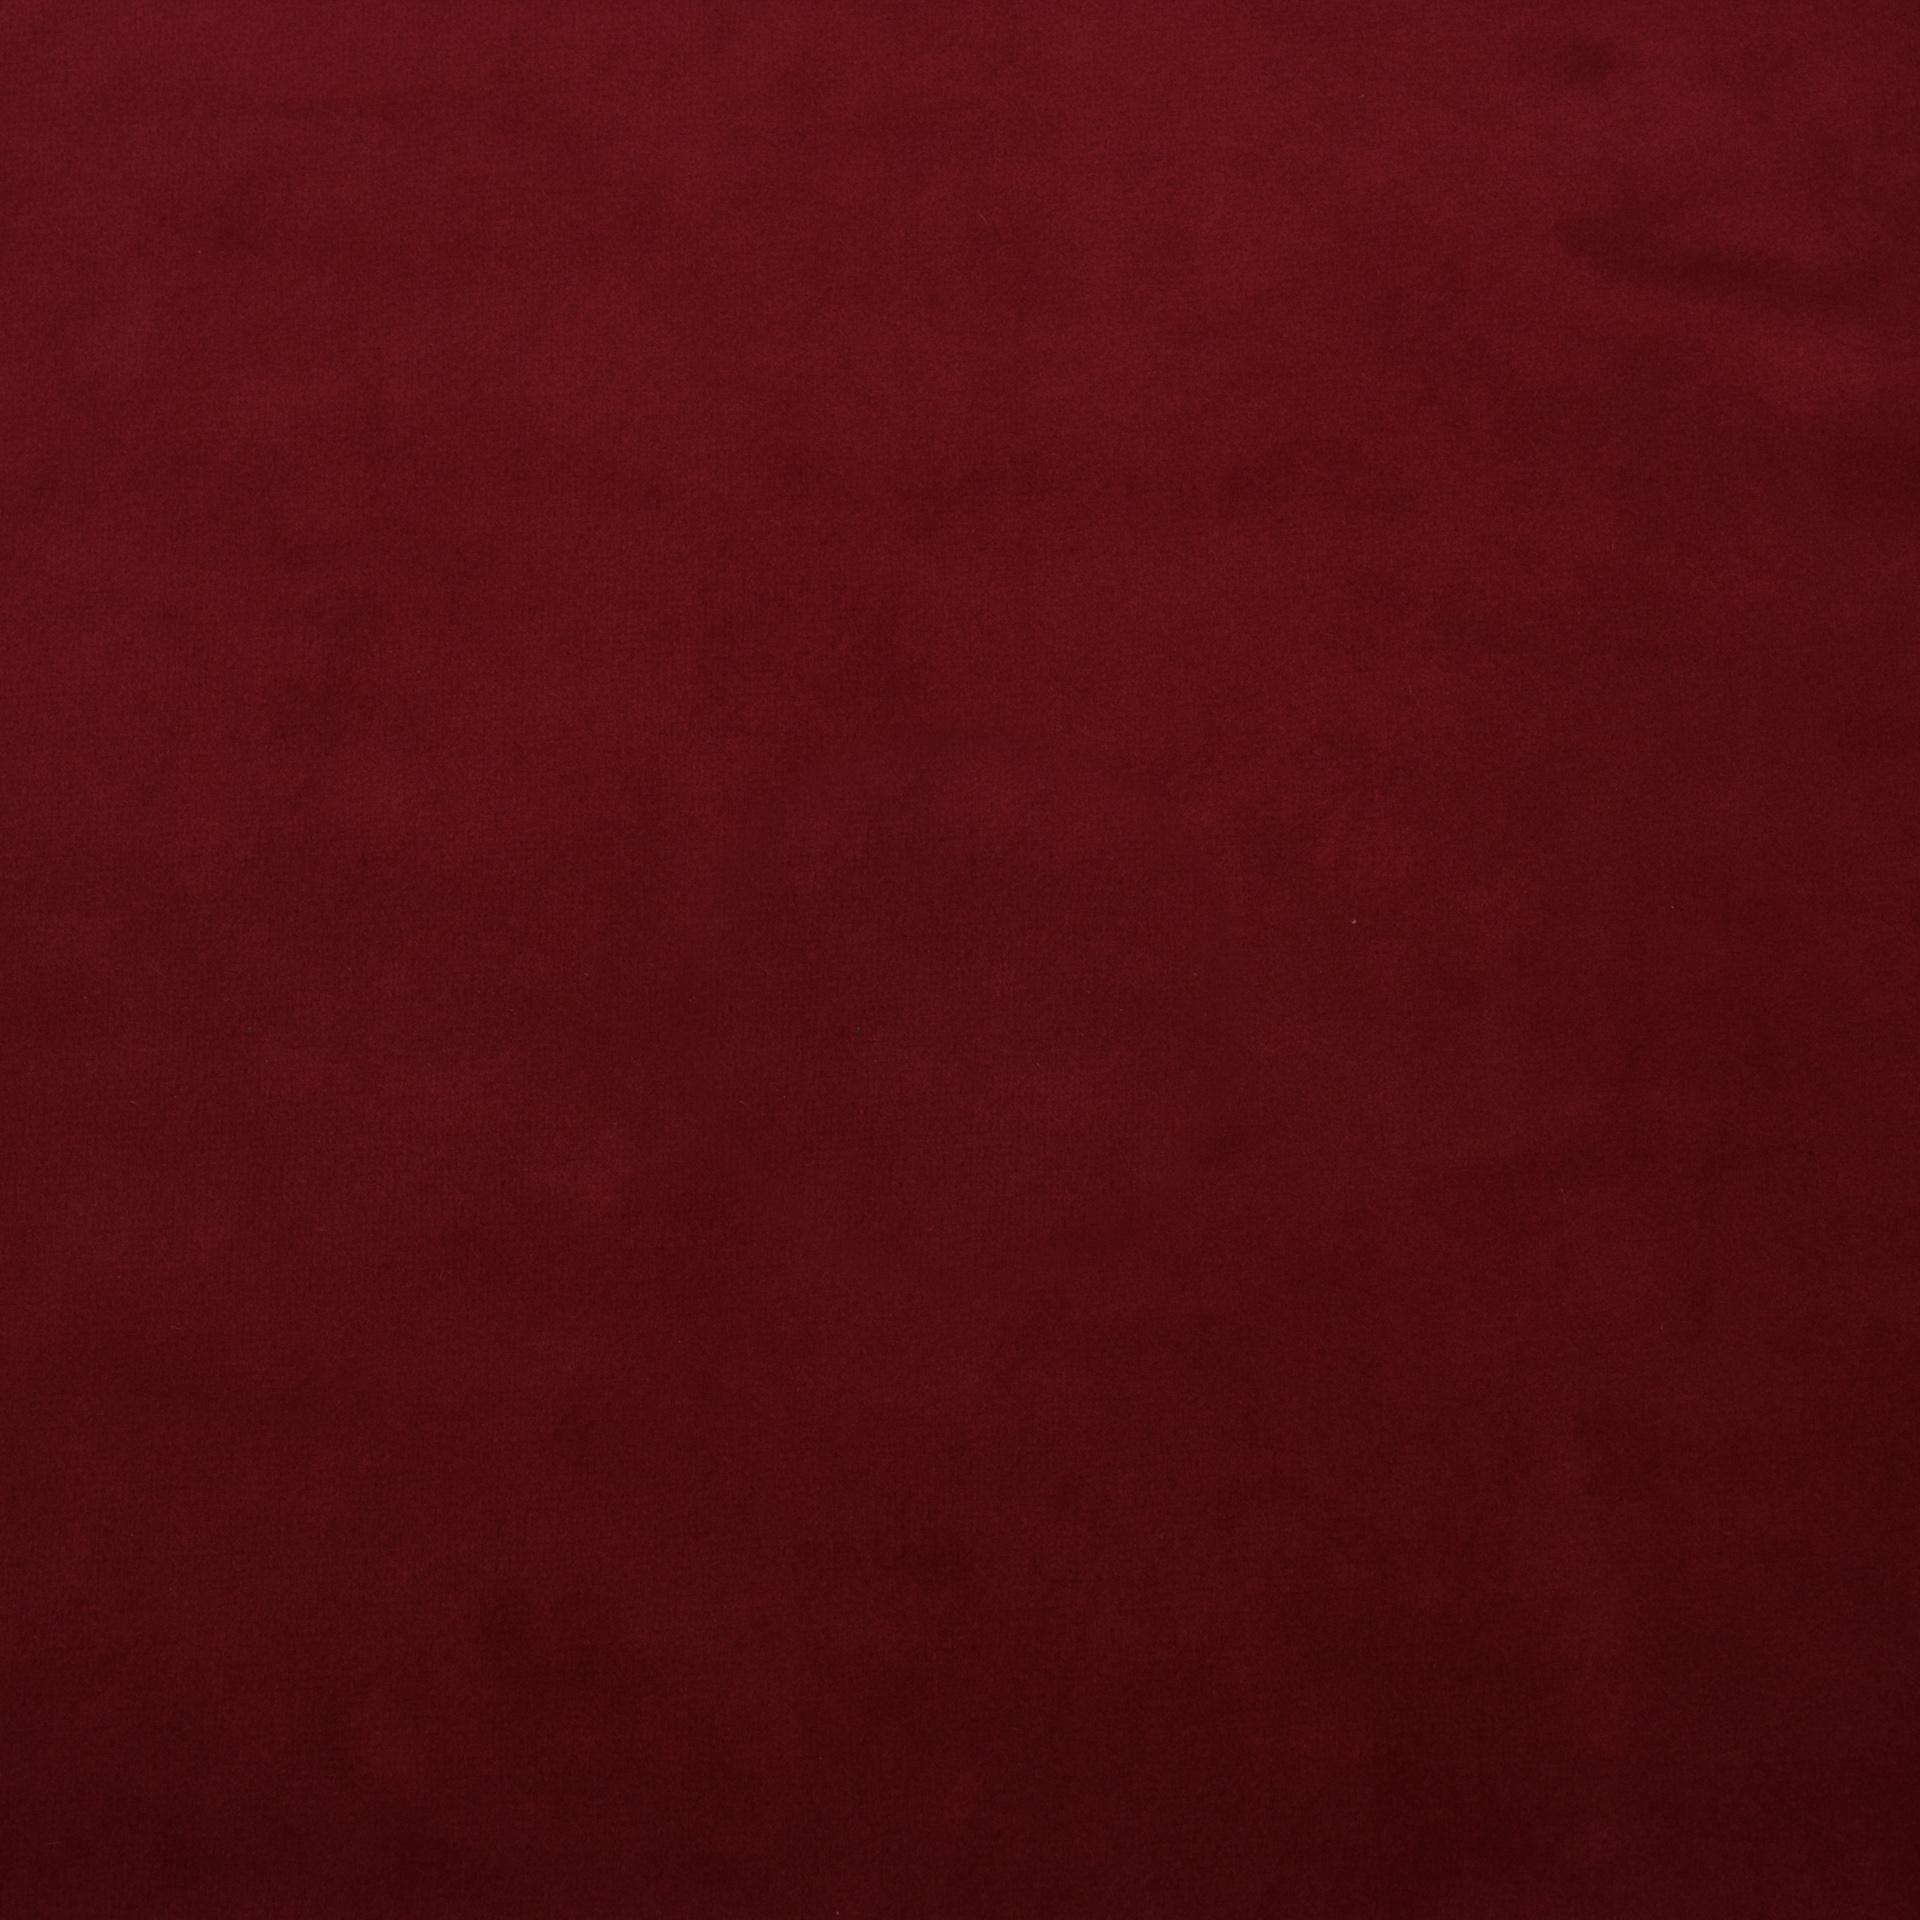 Коллекция ткани Альмира 16 POPPY RED,  купить ткань Велюр для мебели Украина